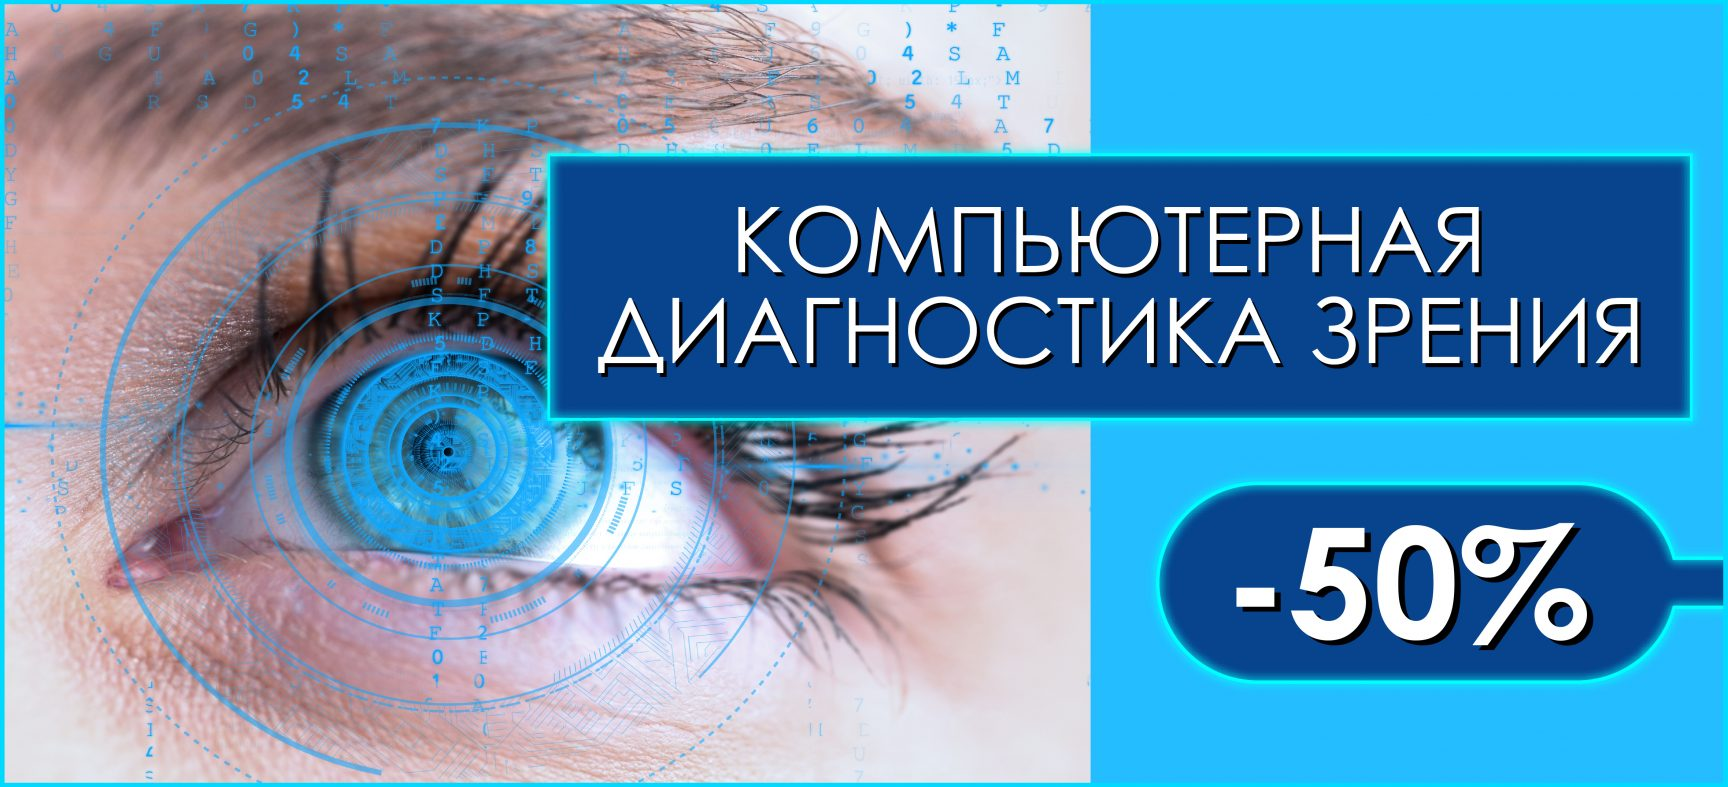 УНИКАЛЬНОЕ ПРЕДЛОЖЕНИЕ: компьютерная диагностика зрения – со скидкой 50%!